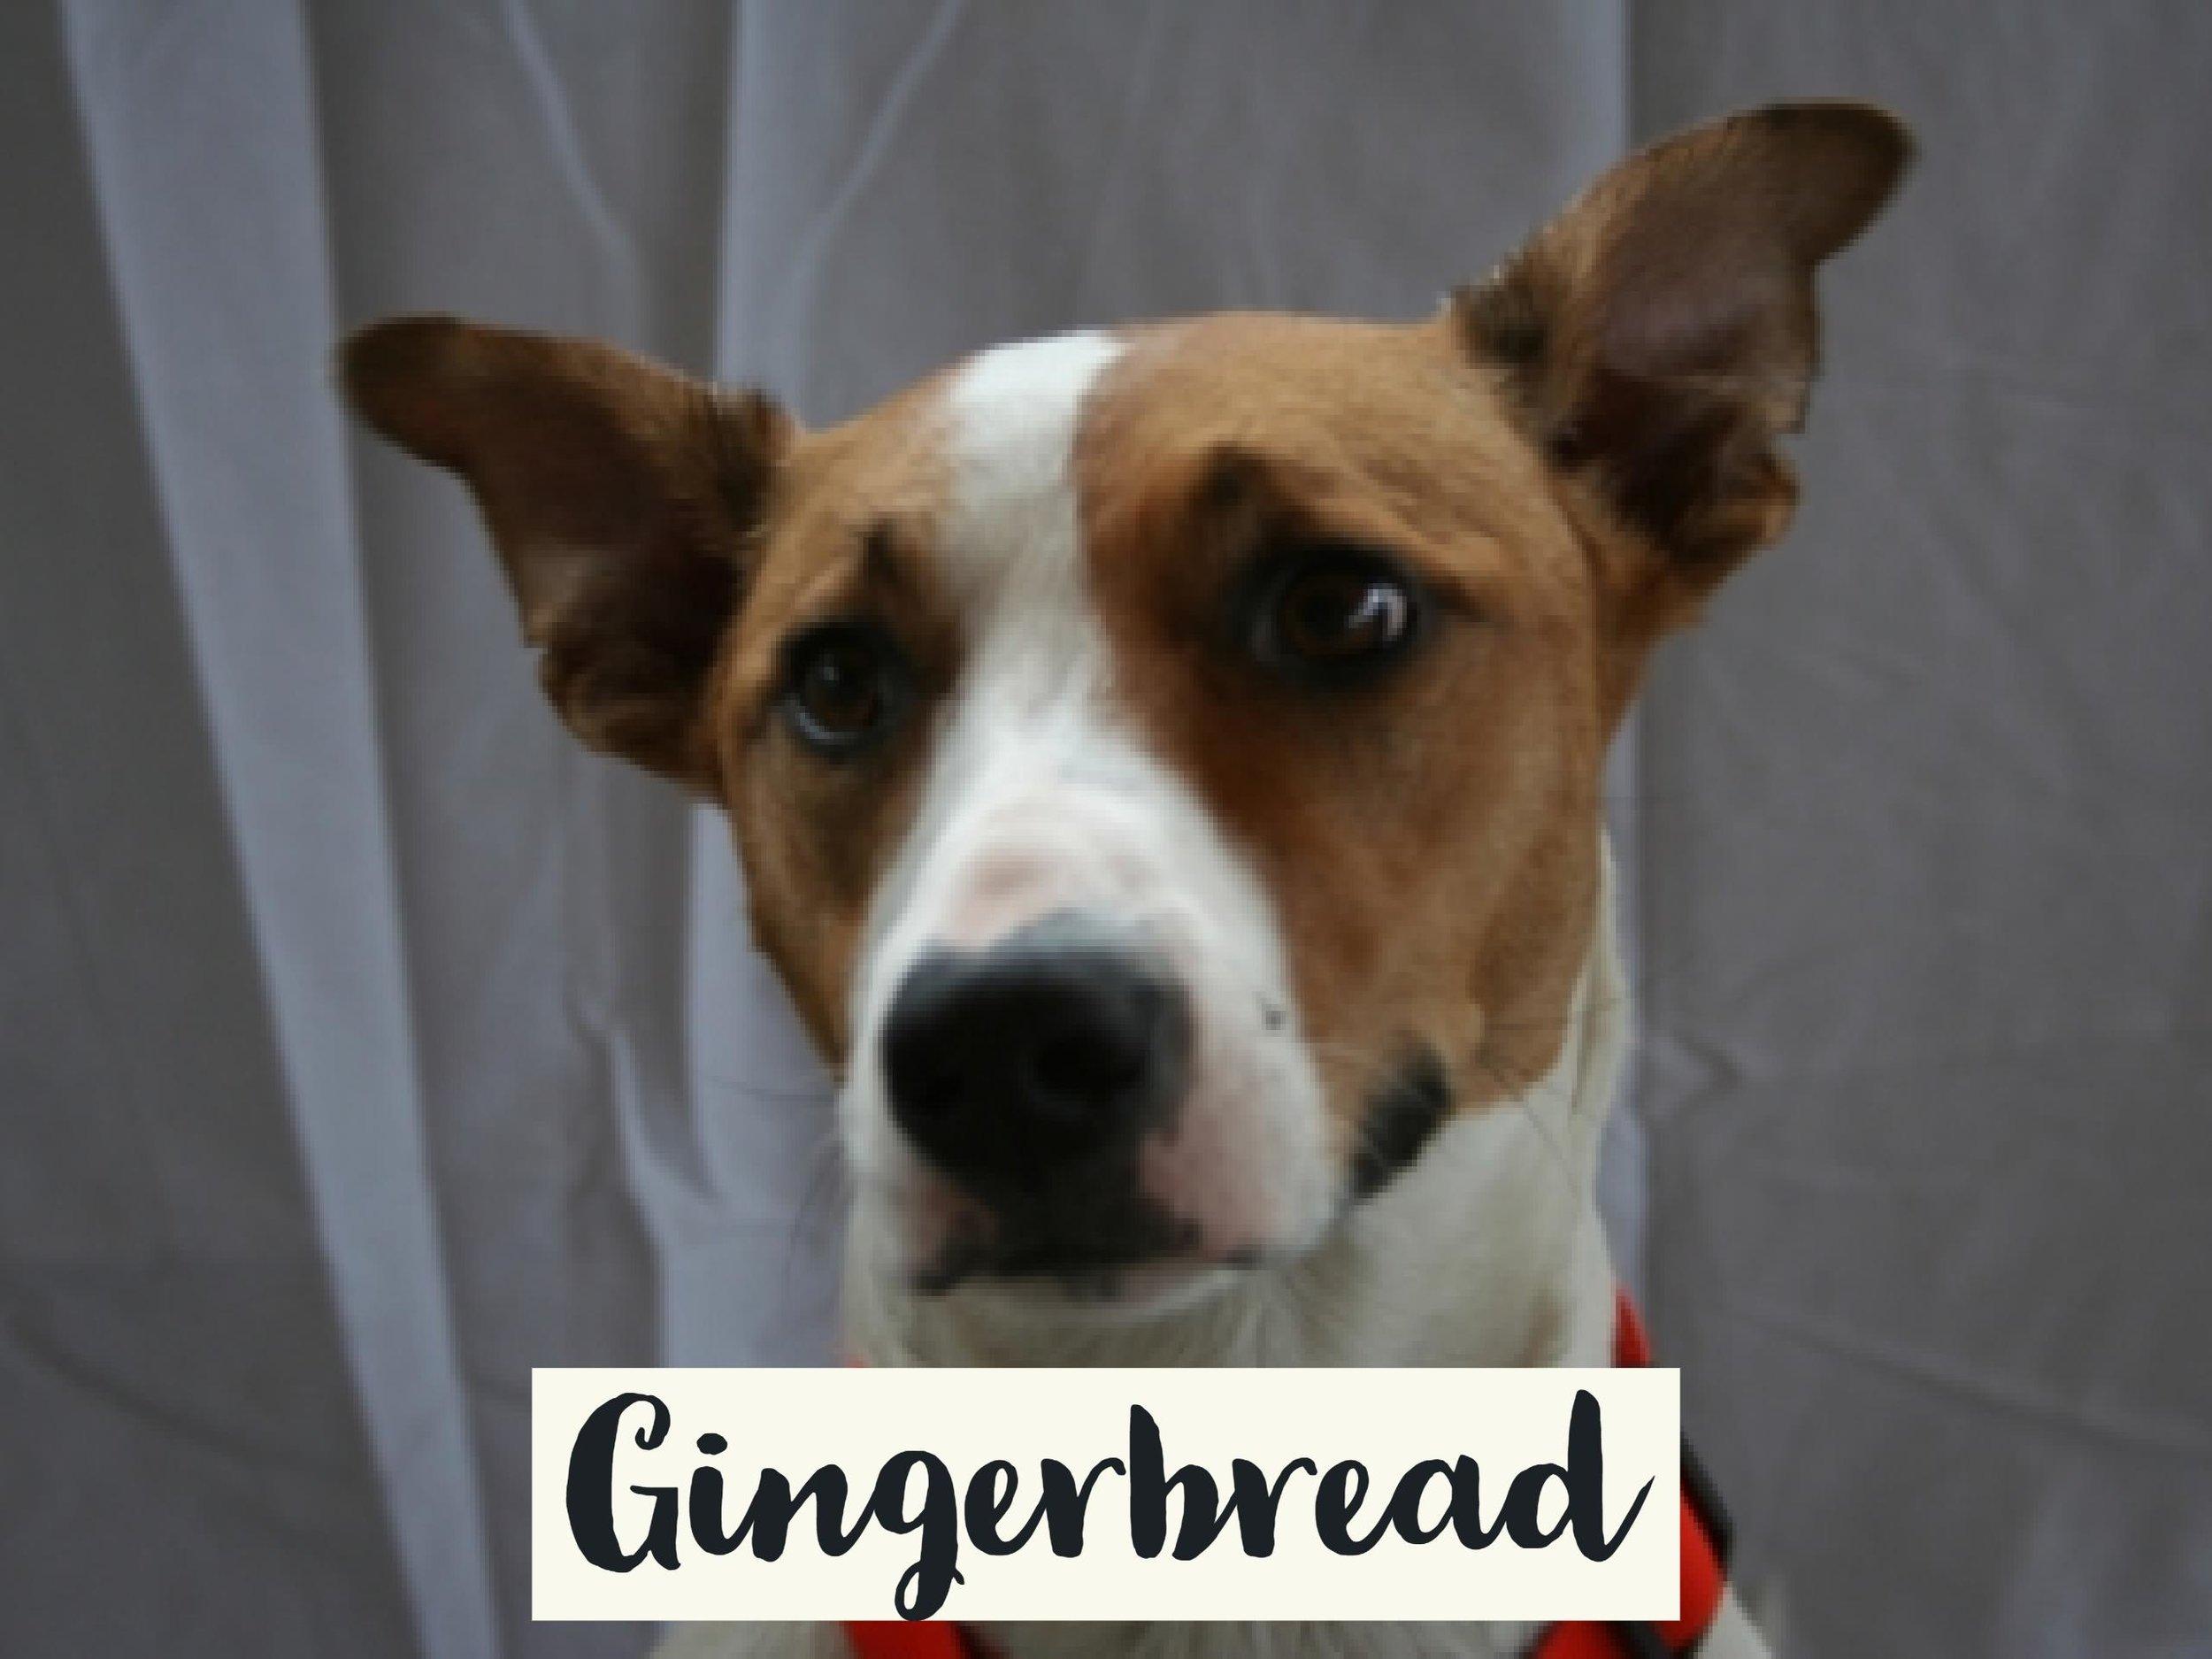 Gingerbread_WV17.jpg